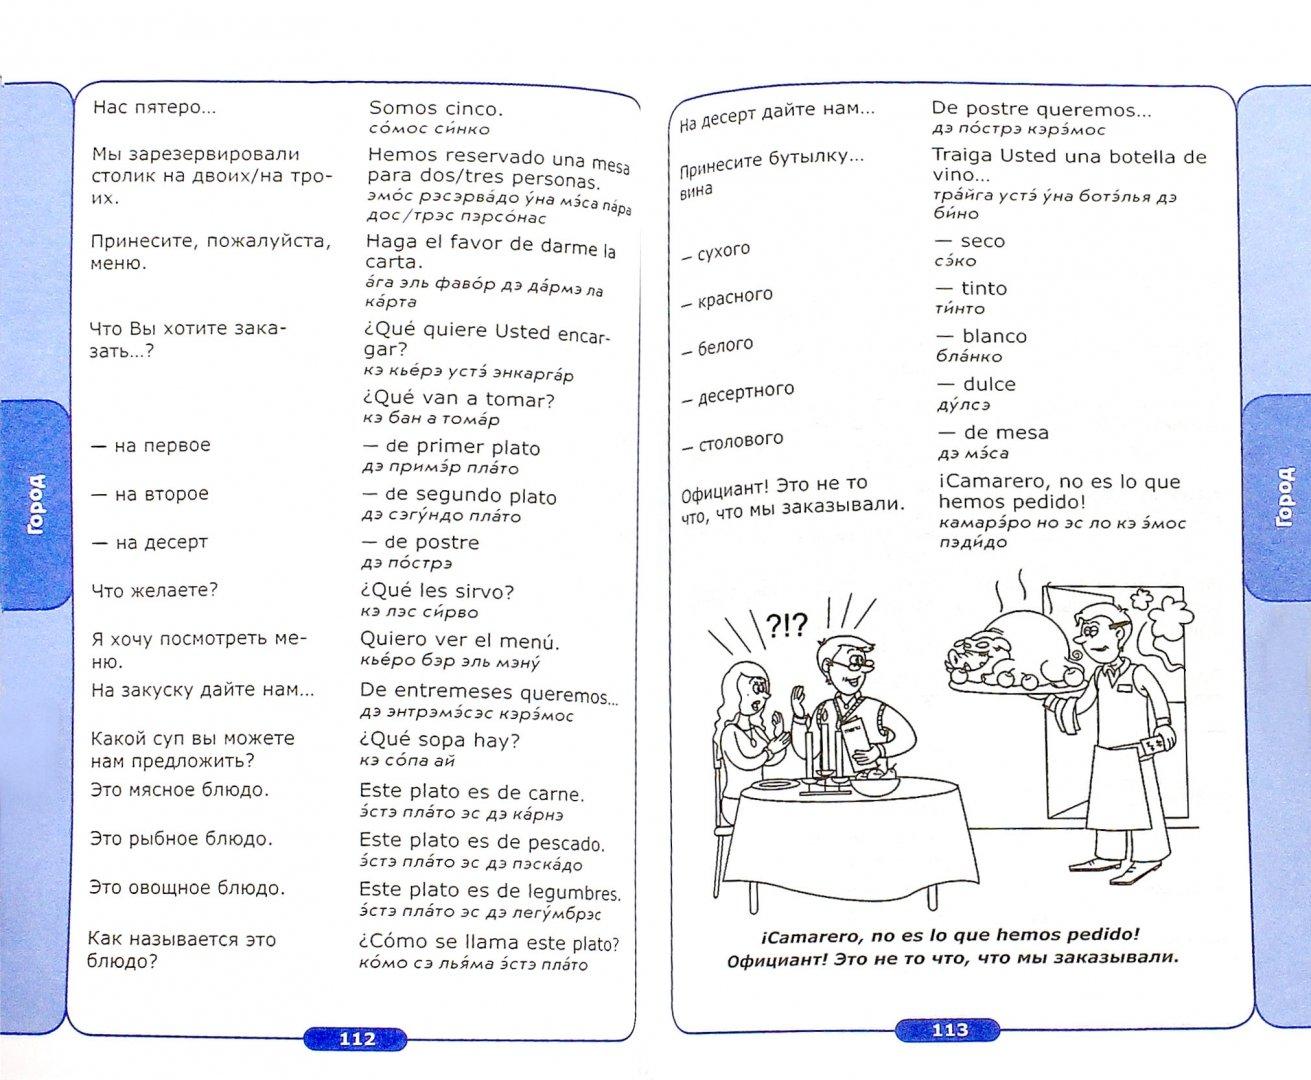 Иллюстрация 1 из 5 для Начни общаться! Современный русско-испанский суперразговорник - Н. Прус   Лабиринт - книги. Источник: Лабиринт